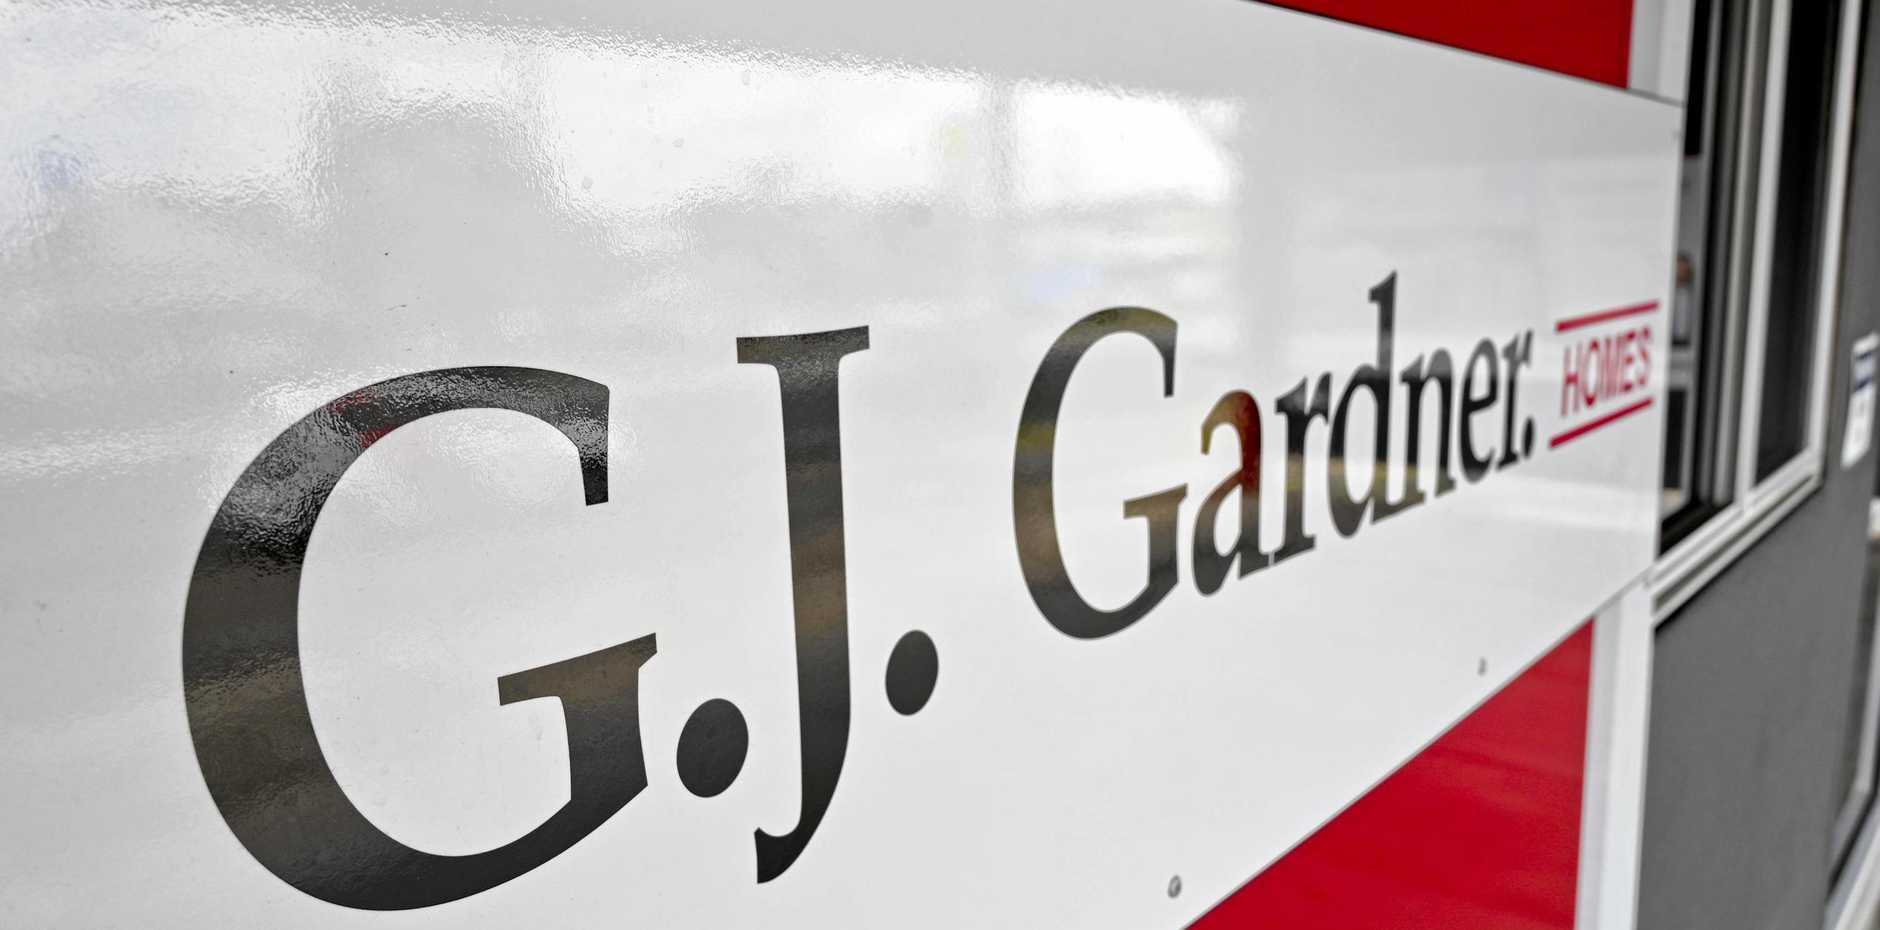 G.J. Gardner Homes at North Ipswich has closed.